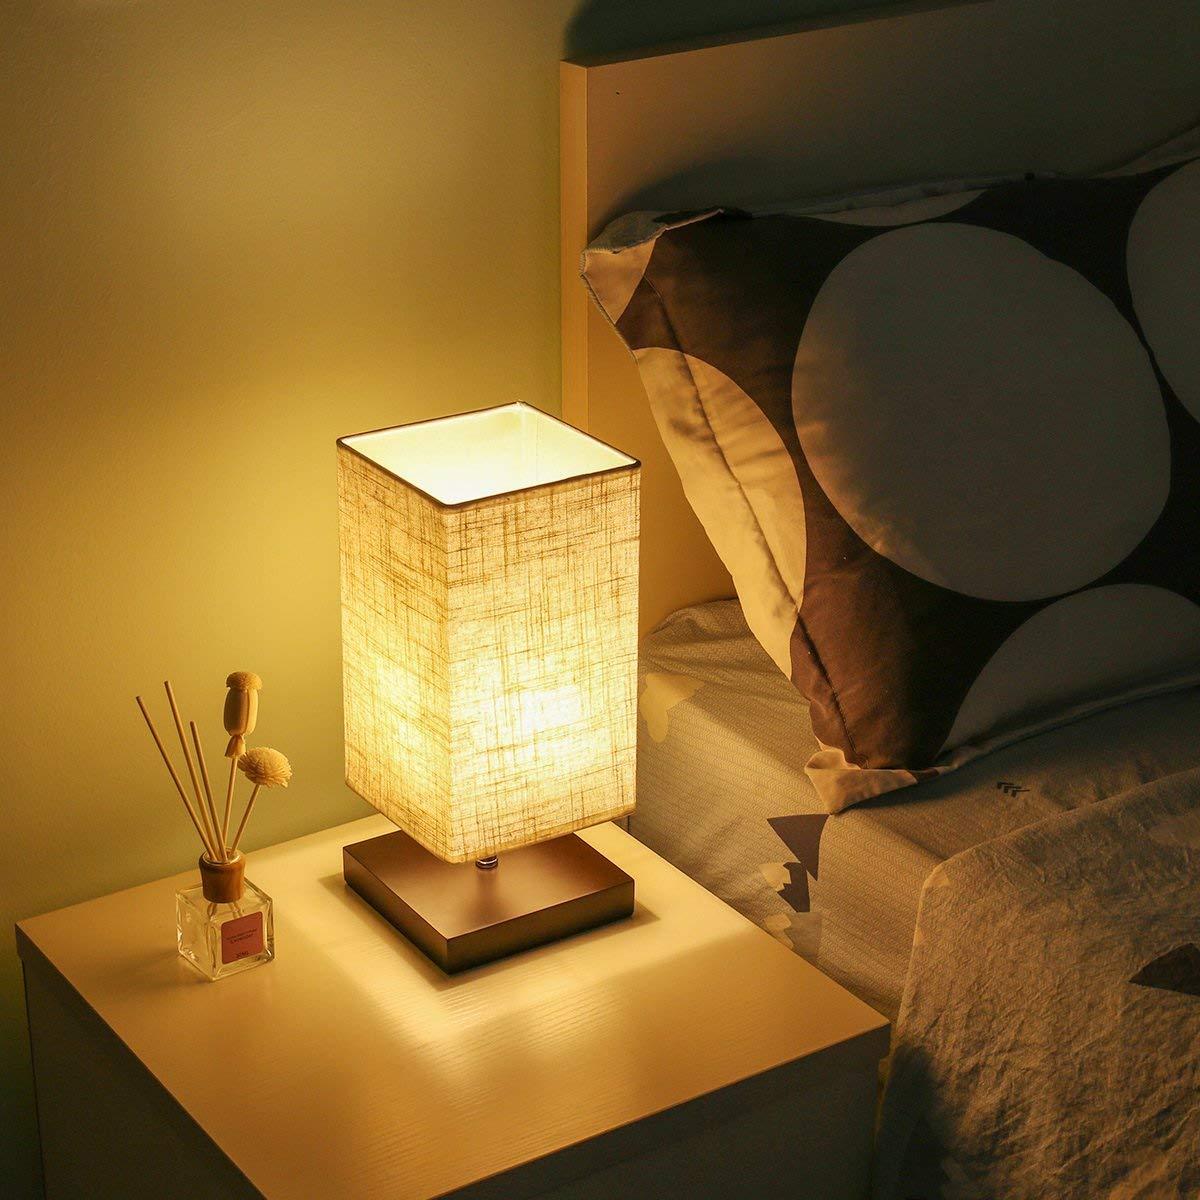 comparatif lampe de chevet Zone Led